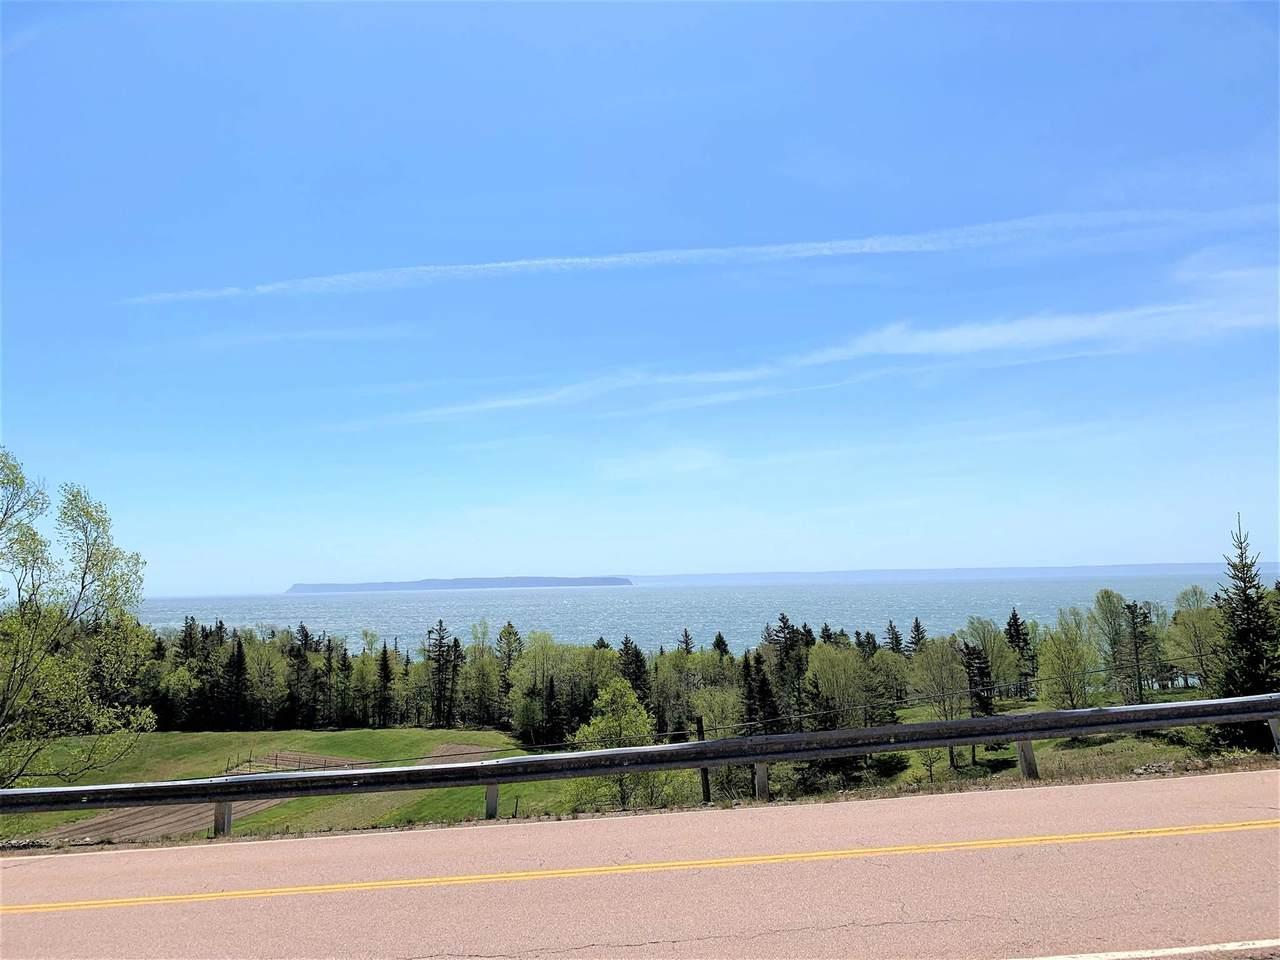 209 Highway Highway - Photo 1